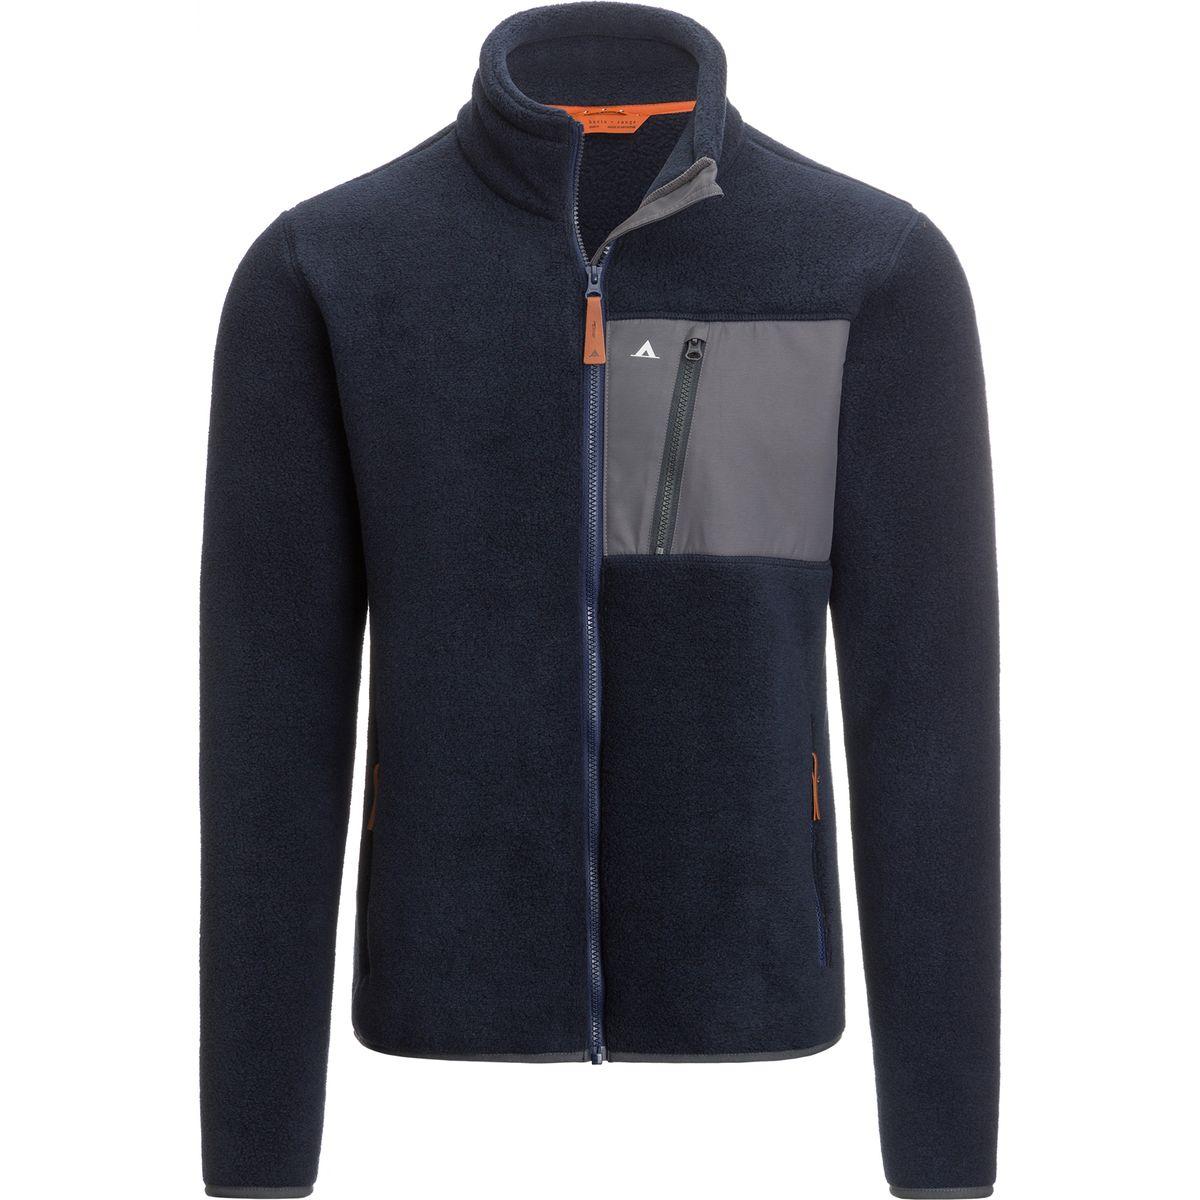 Basin and Range Miners Fleece Jacket